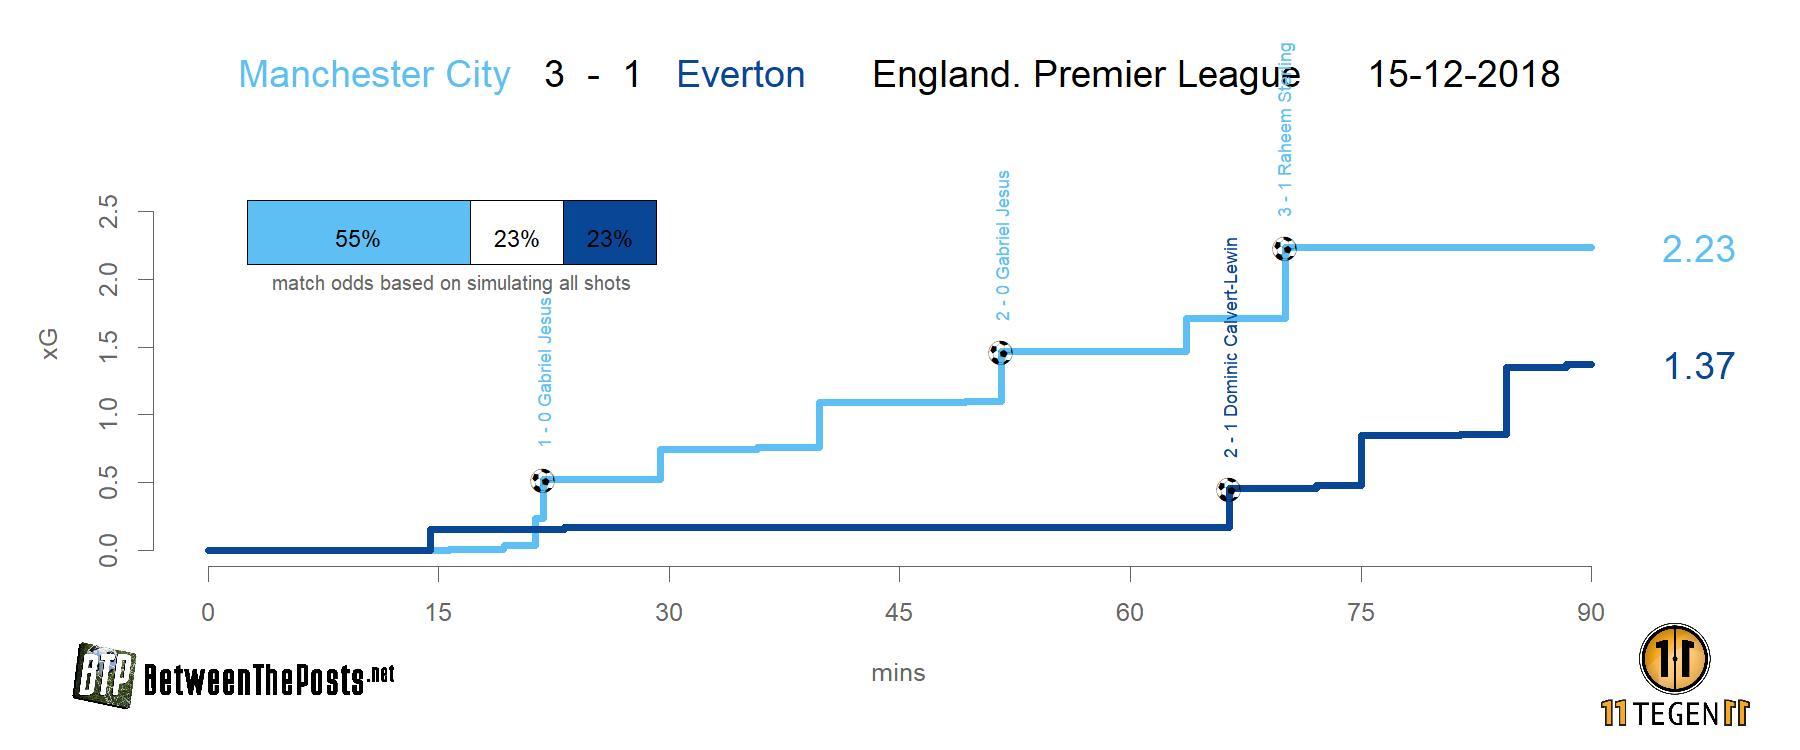 Expected goals plot Manchester City - Everton 3-1 Premier League